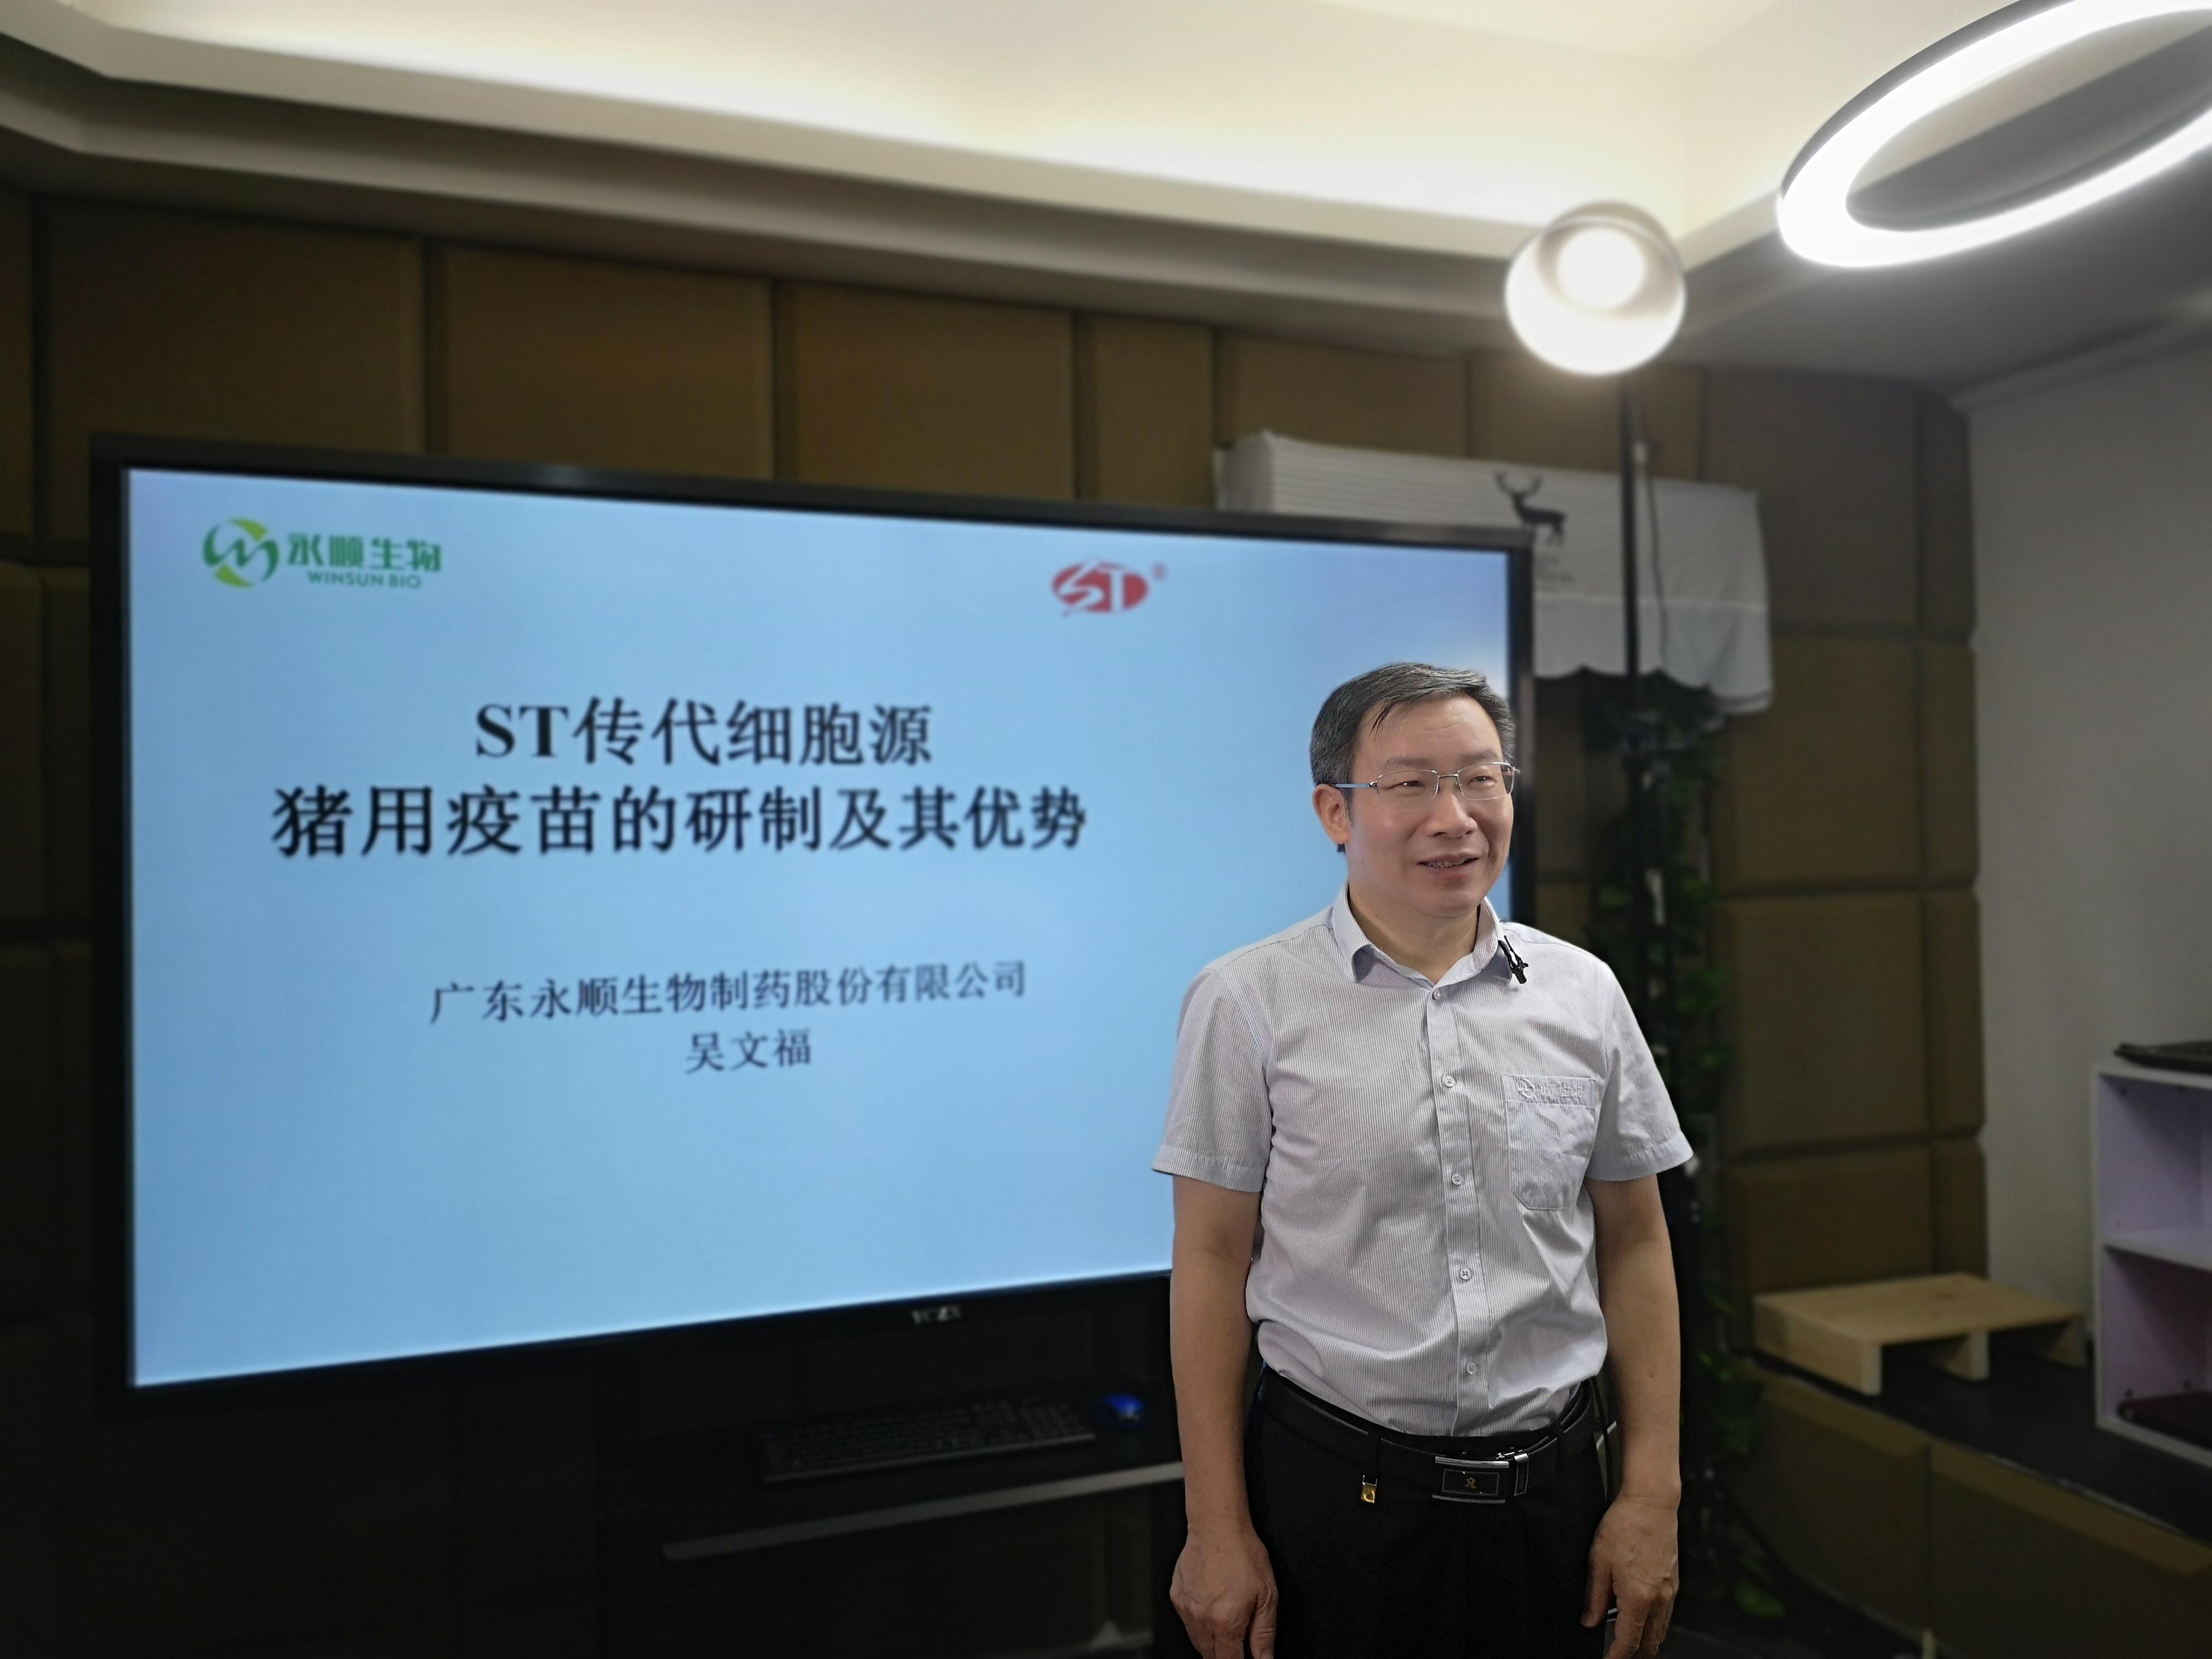 专家到访|永顺生物猪瘟、伪狂犬疫苗项目专家吴文福讲授ST传代细胞源猪用疫苗的研制及其优势